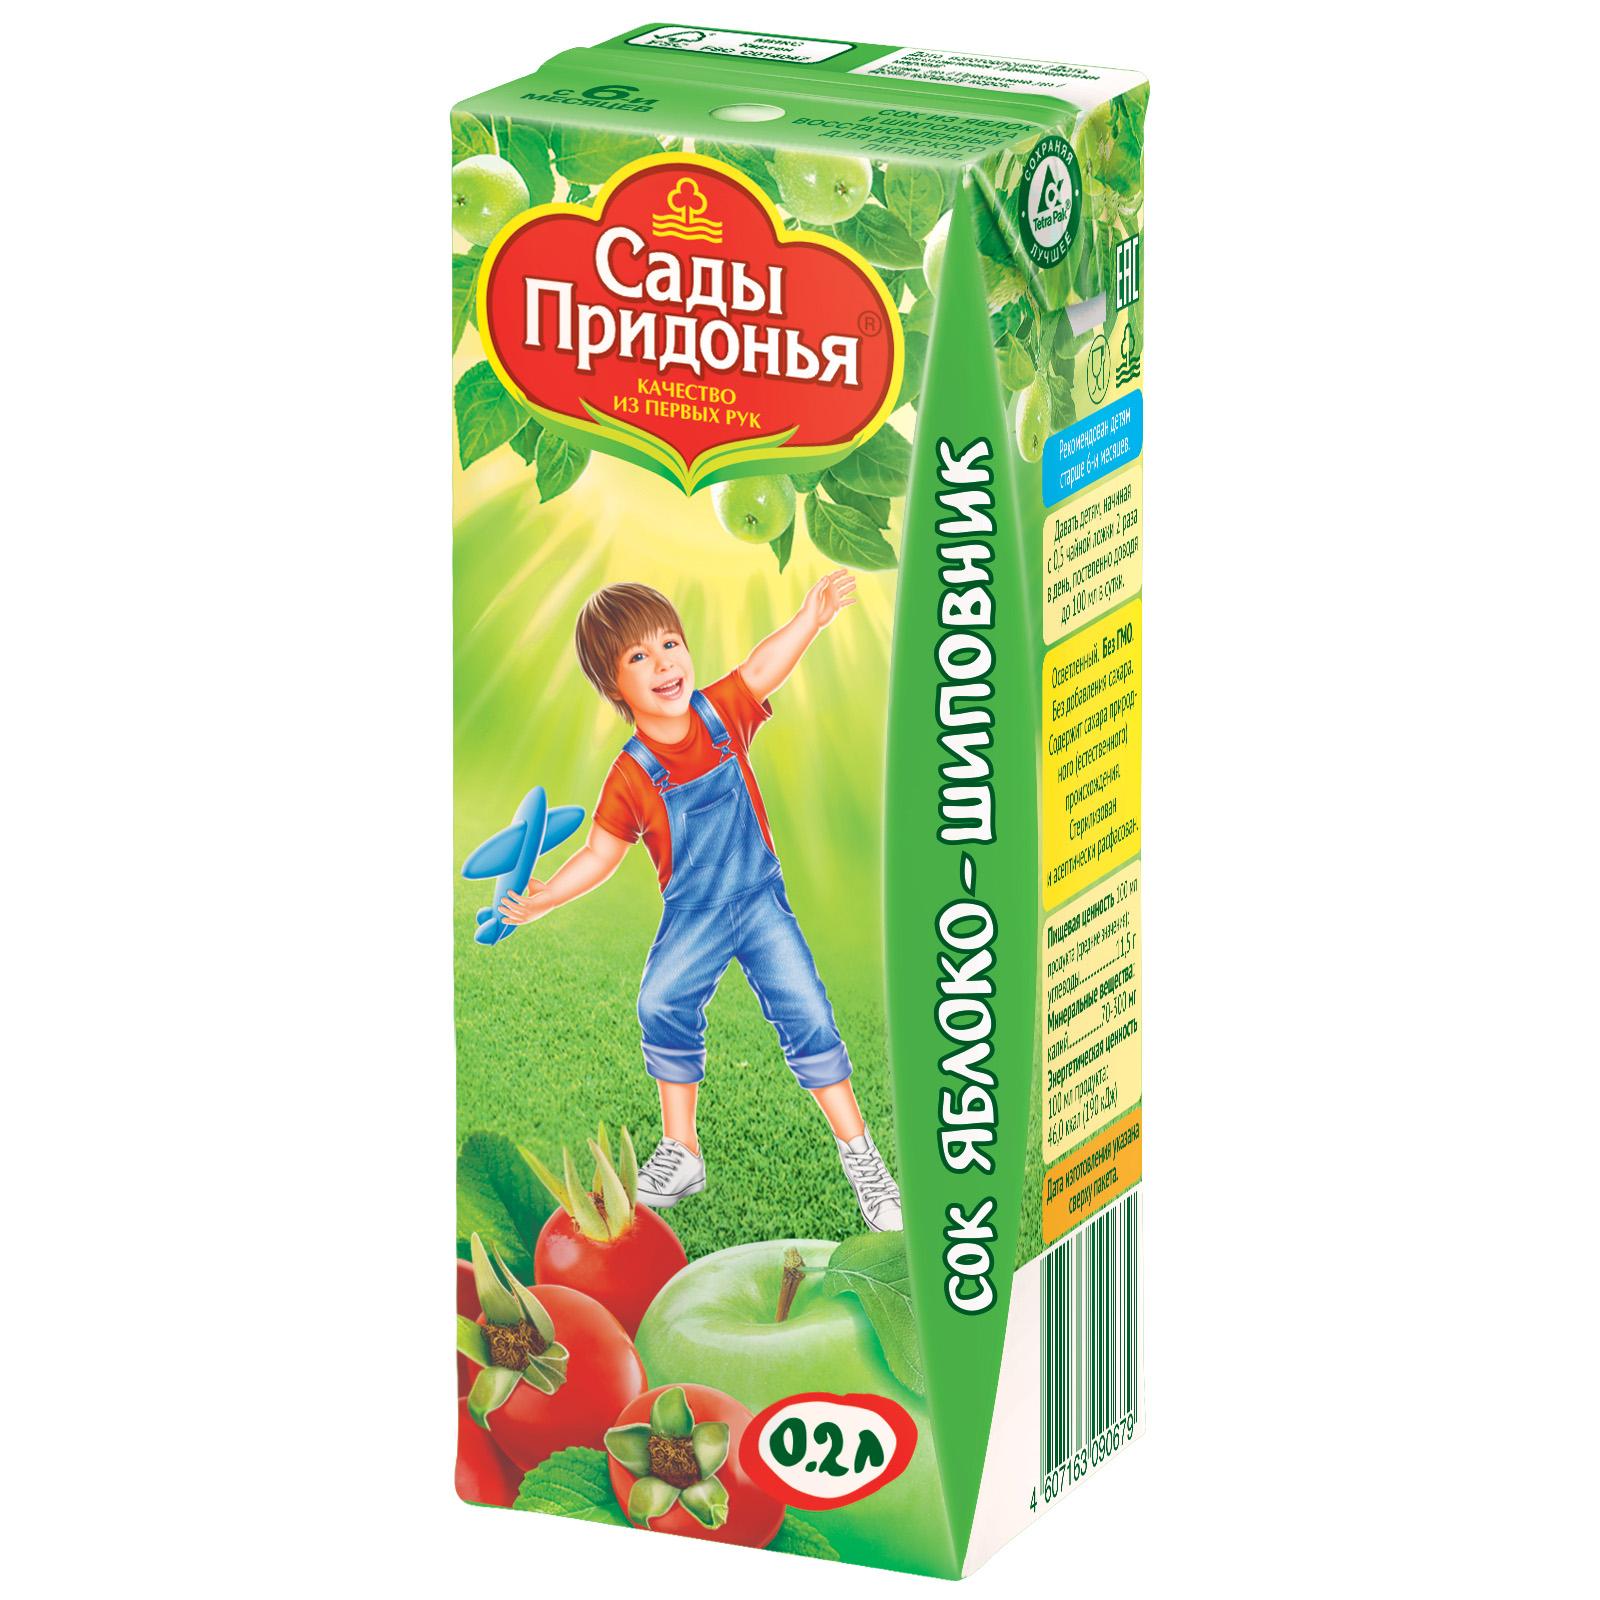 Сок Сады Придонья 200 мл (тетрапак) Яблоко с шиповником (с 6 мес)<br>